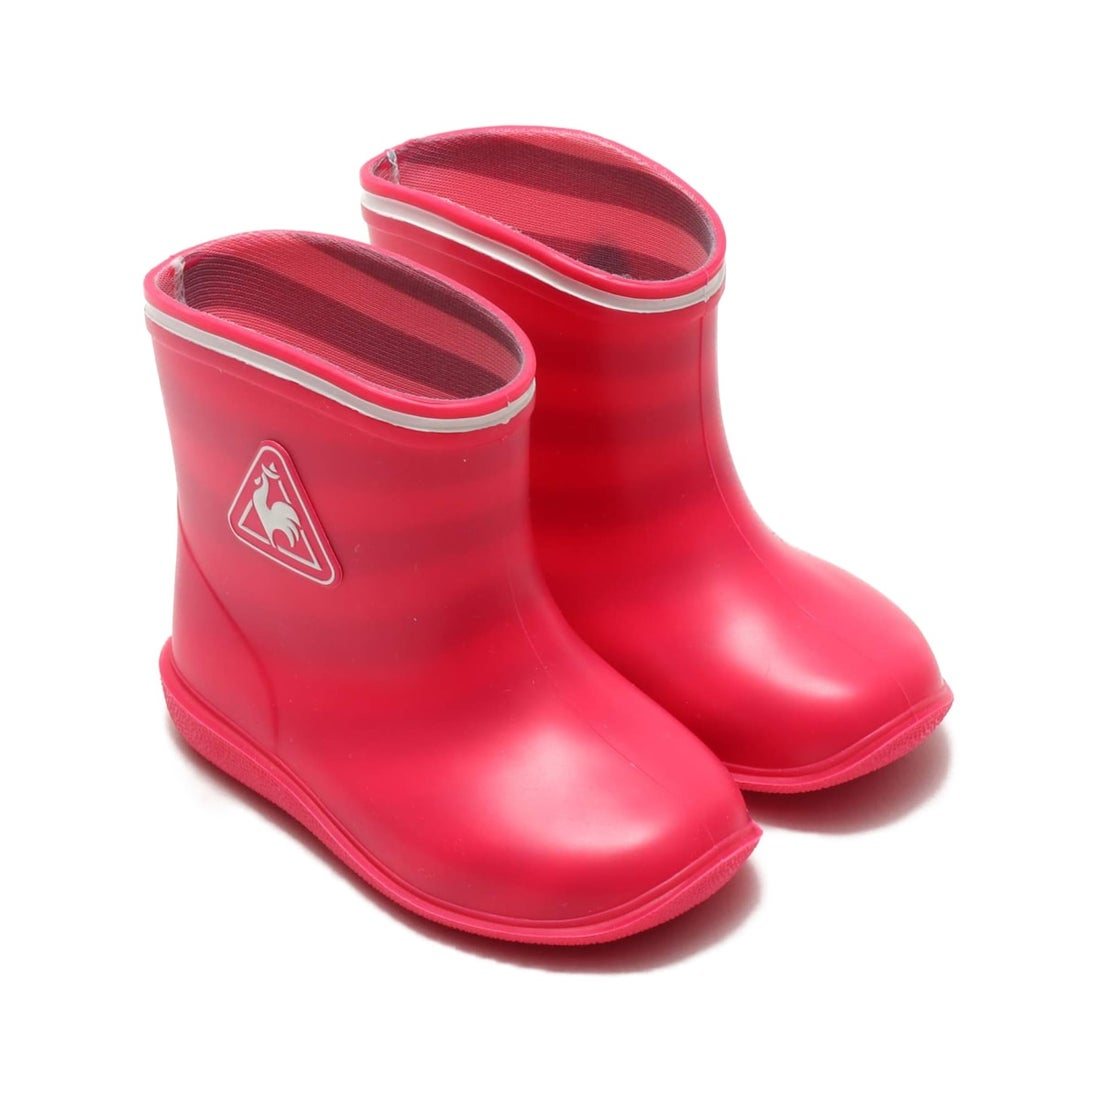 ロコンド 靴とファッションの通販サイトルコックスポルティフ le coq sportif LAMOTTE SHORT (PINK)